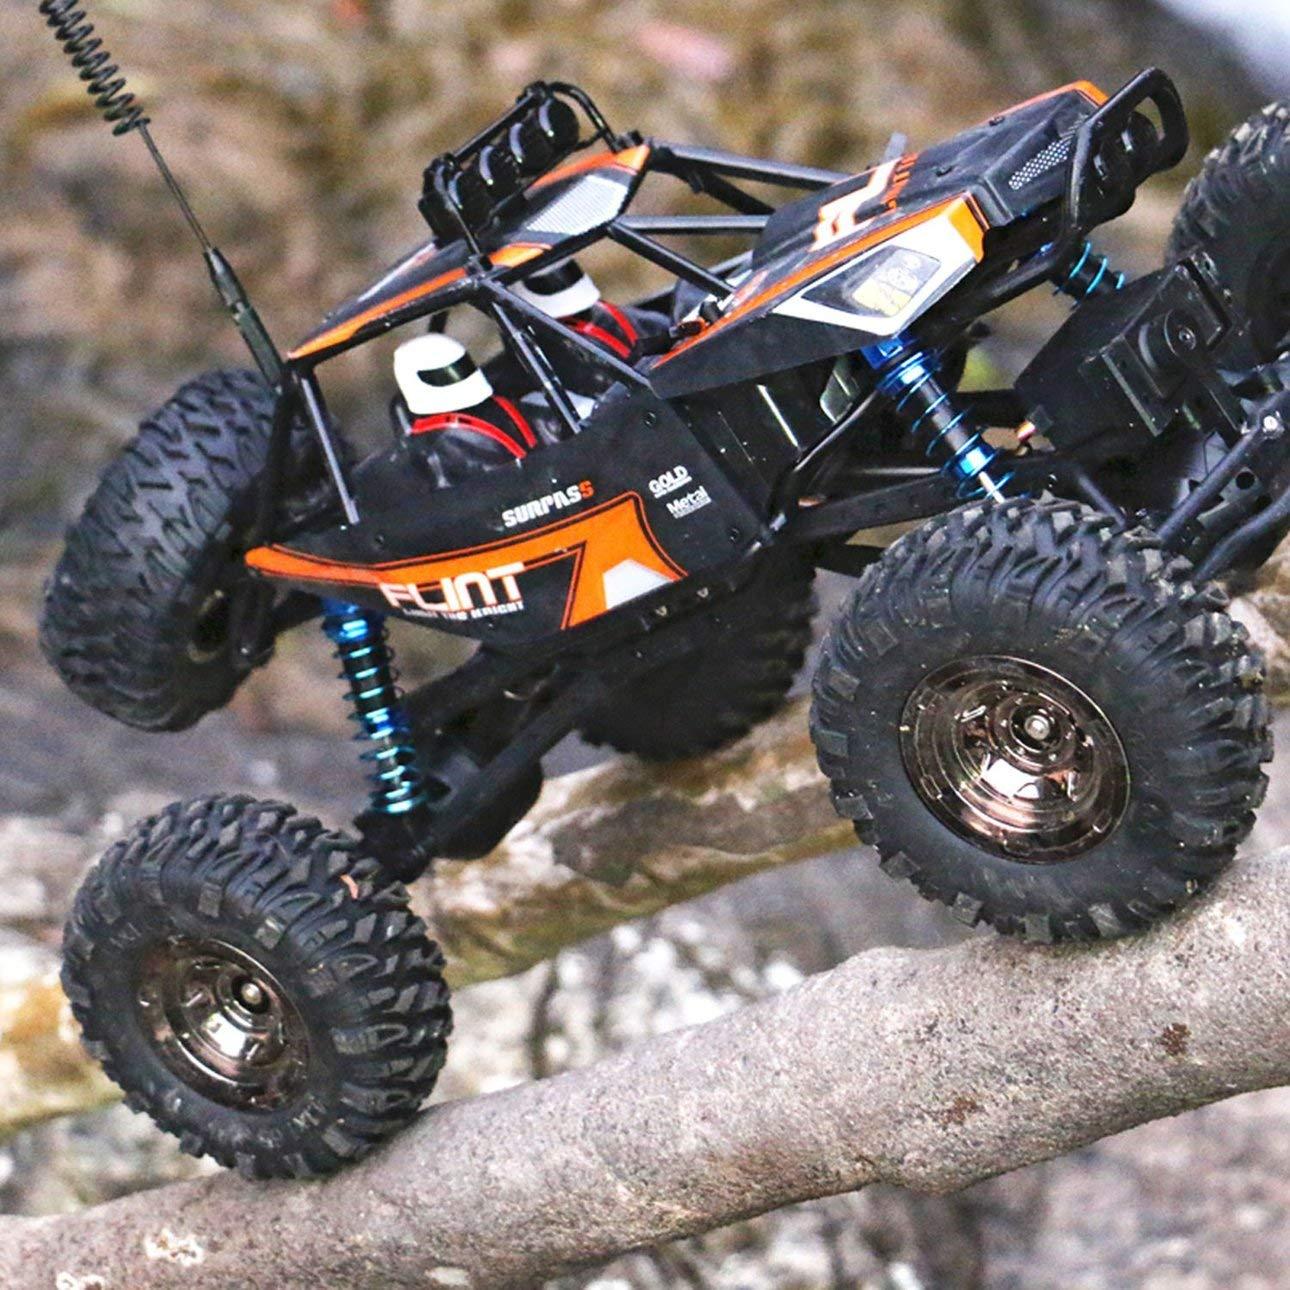 RC Auto Original Original Auto BG1515 1/12 2,4G 4WD Klettern Crawler Auto Spielzeug für Kinder von Ballylely (Schwarz) e728c1